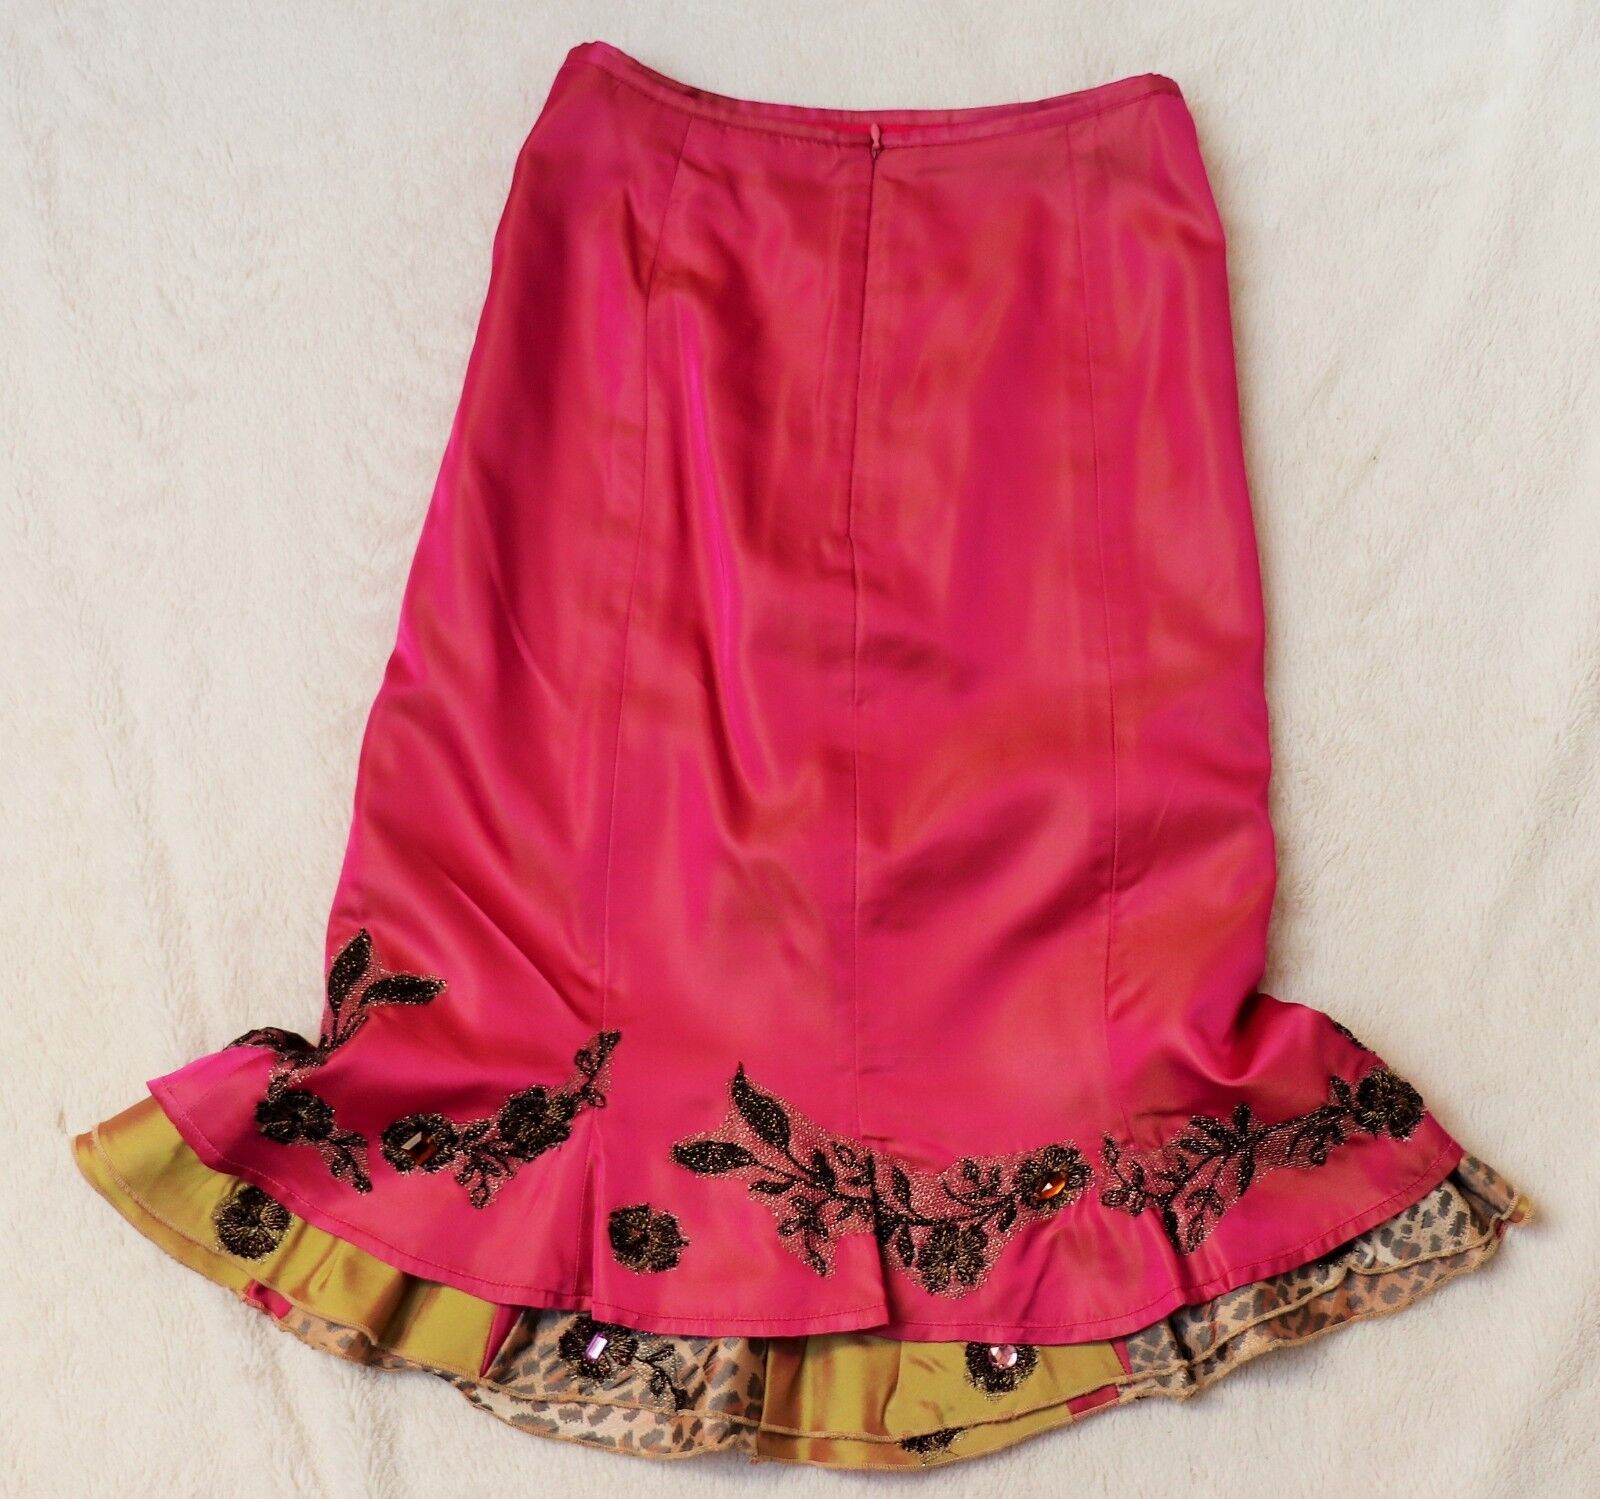 ORIGINALE rosa ella Singh penna Satin Satin Satin Rock Fiori Gordet volant rosa S 36 38 e9b23e